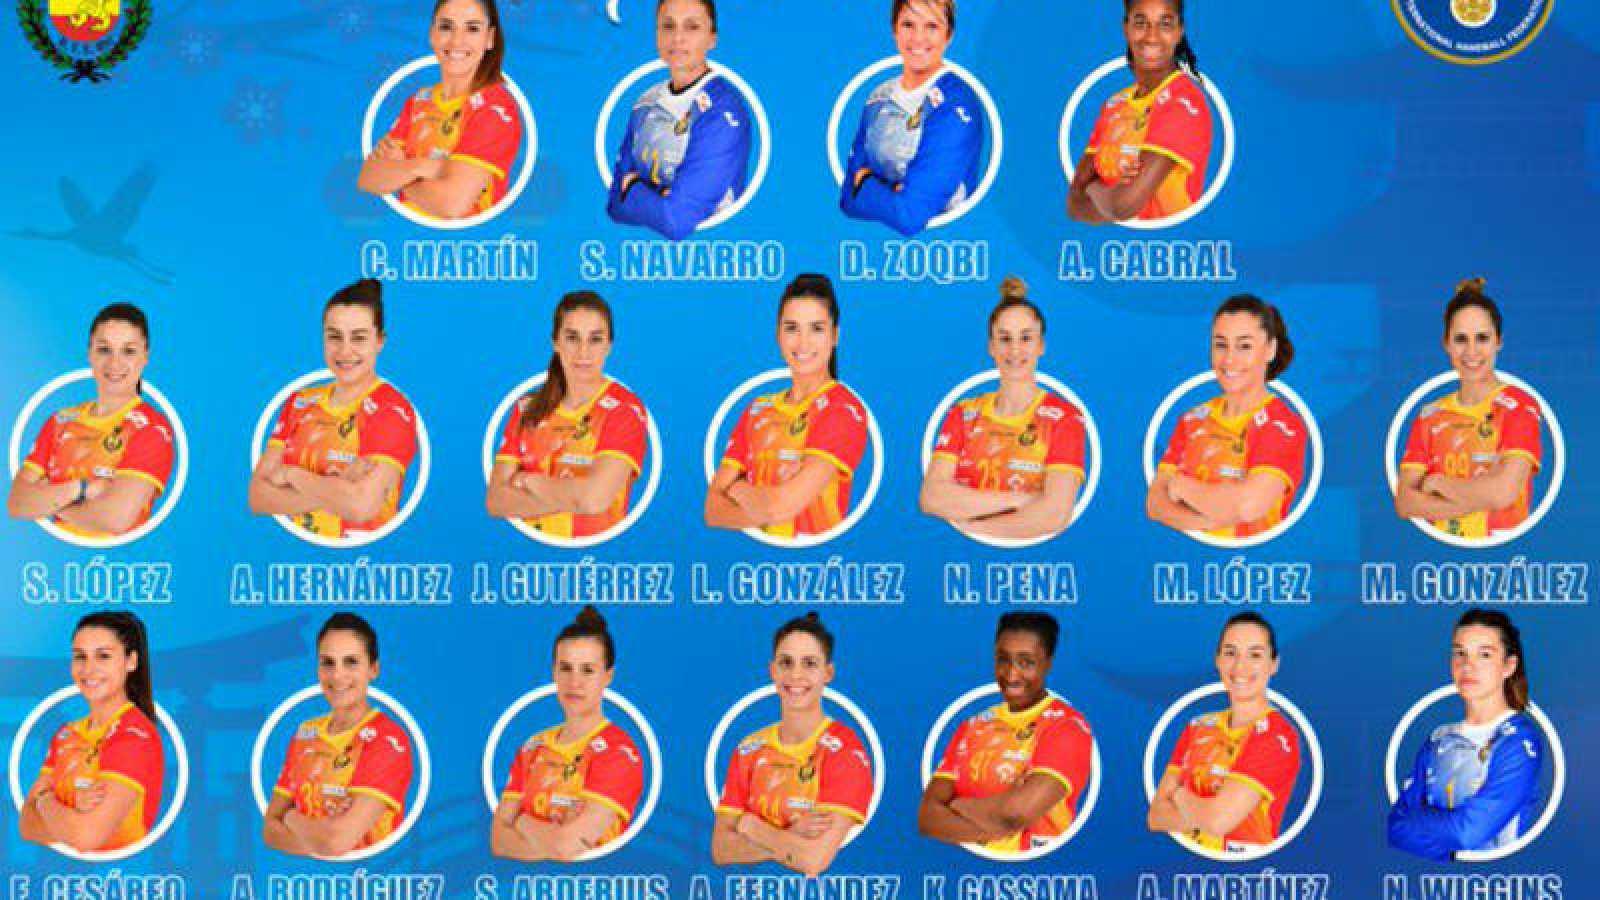 Imagen de la convocatoria de la selección española de balonmano femenino para el Preolómpìco de Llíria.